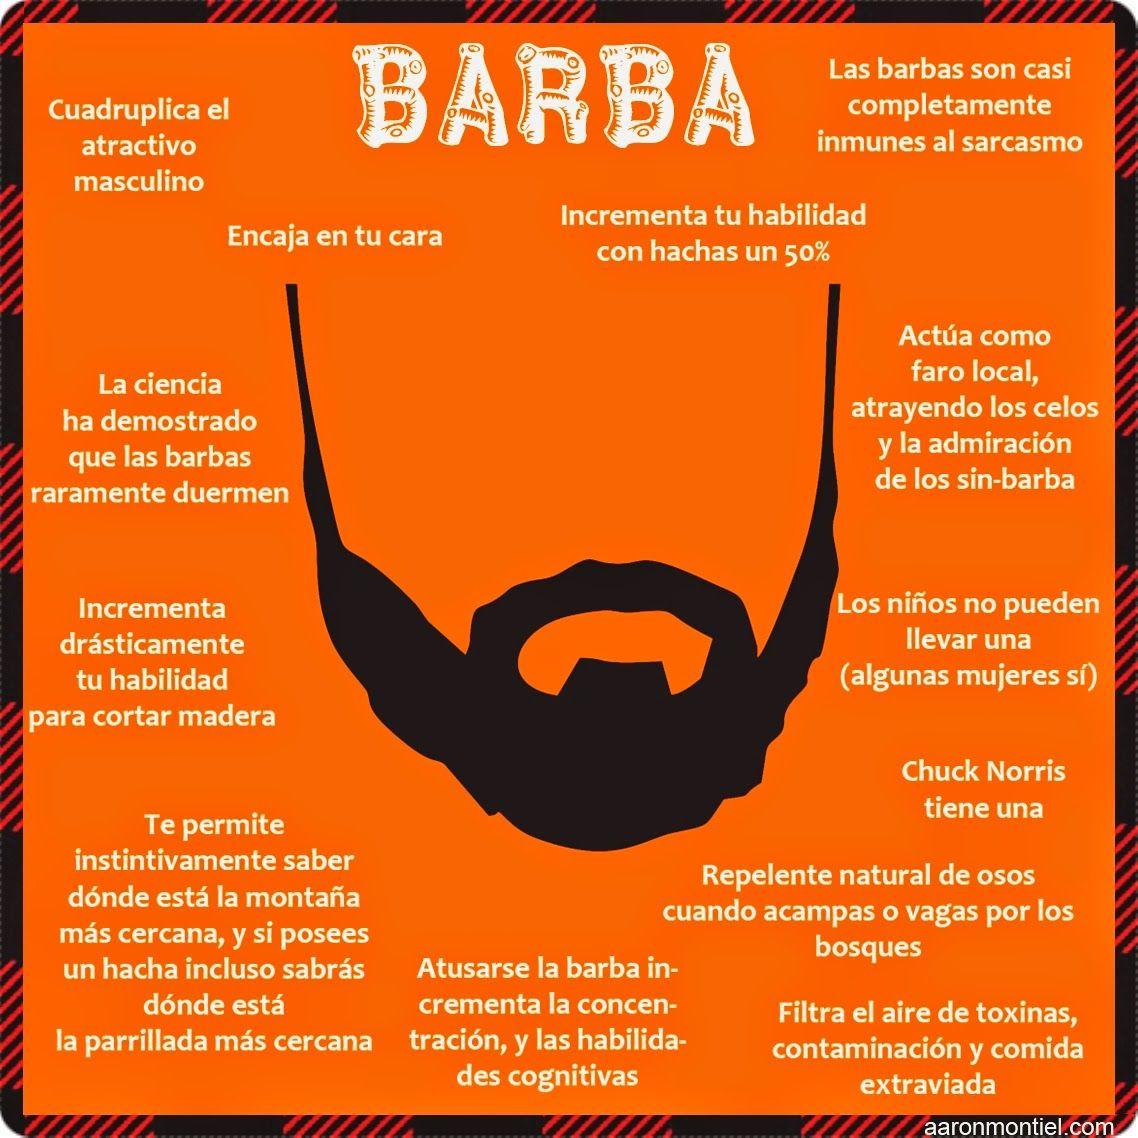 Barbas.  fuente: aaronmontiel.com